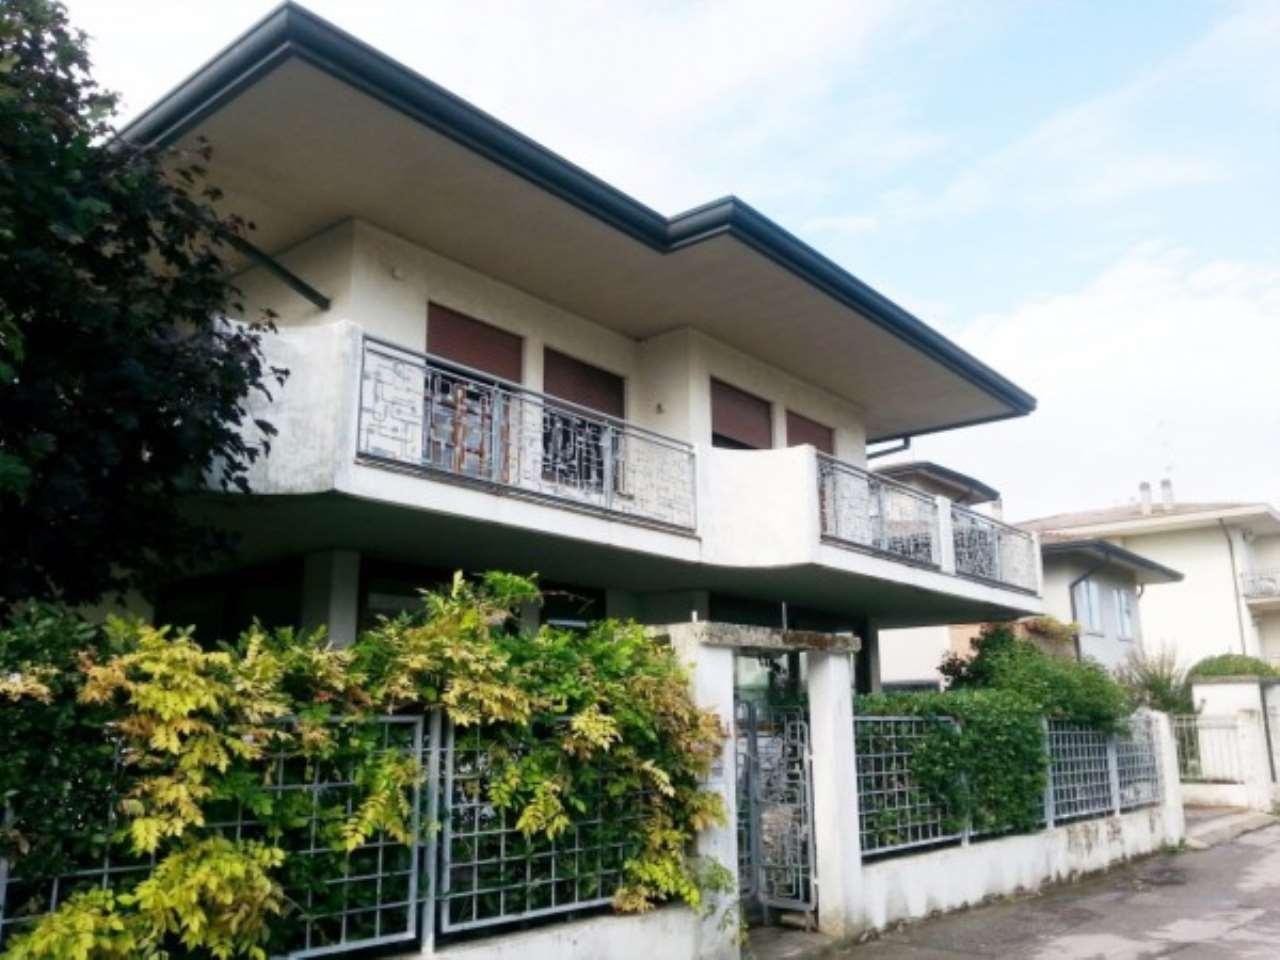 Villa in vendita a Chioggia, 6 locali, Trattative riservate | CambioCasa.it